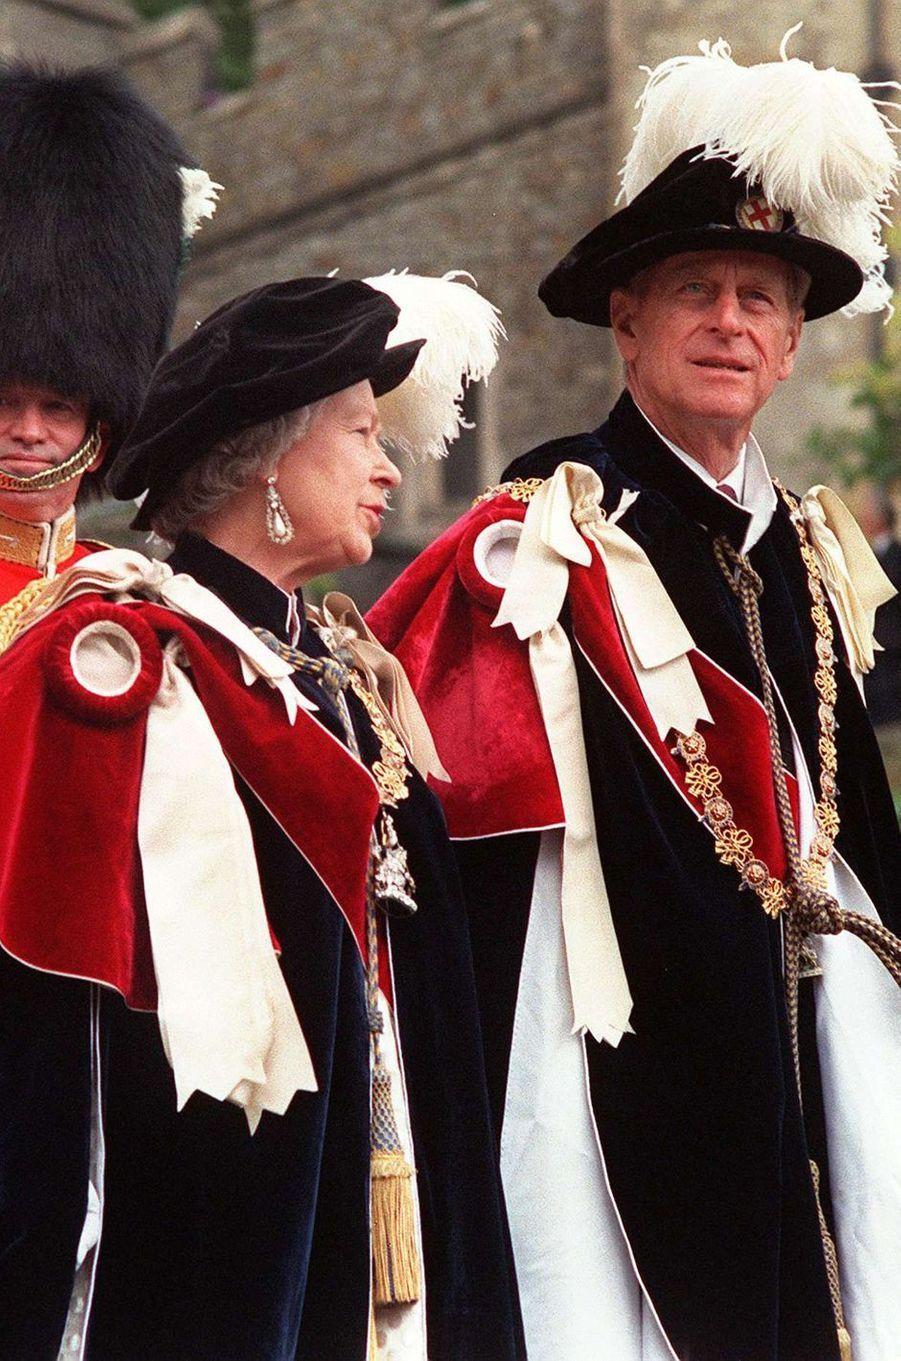 La reine Elizabeth II et le prince Philip, le 15 juin 1998